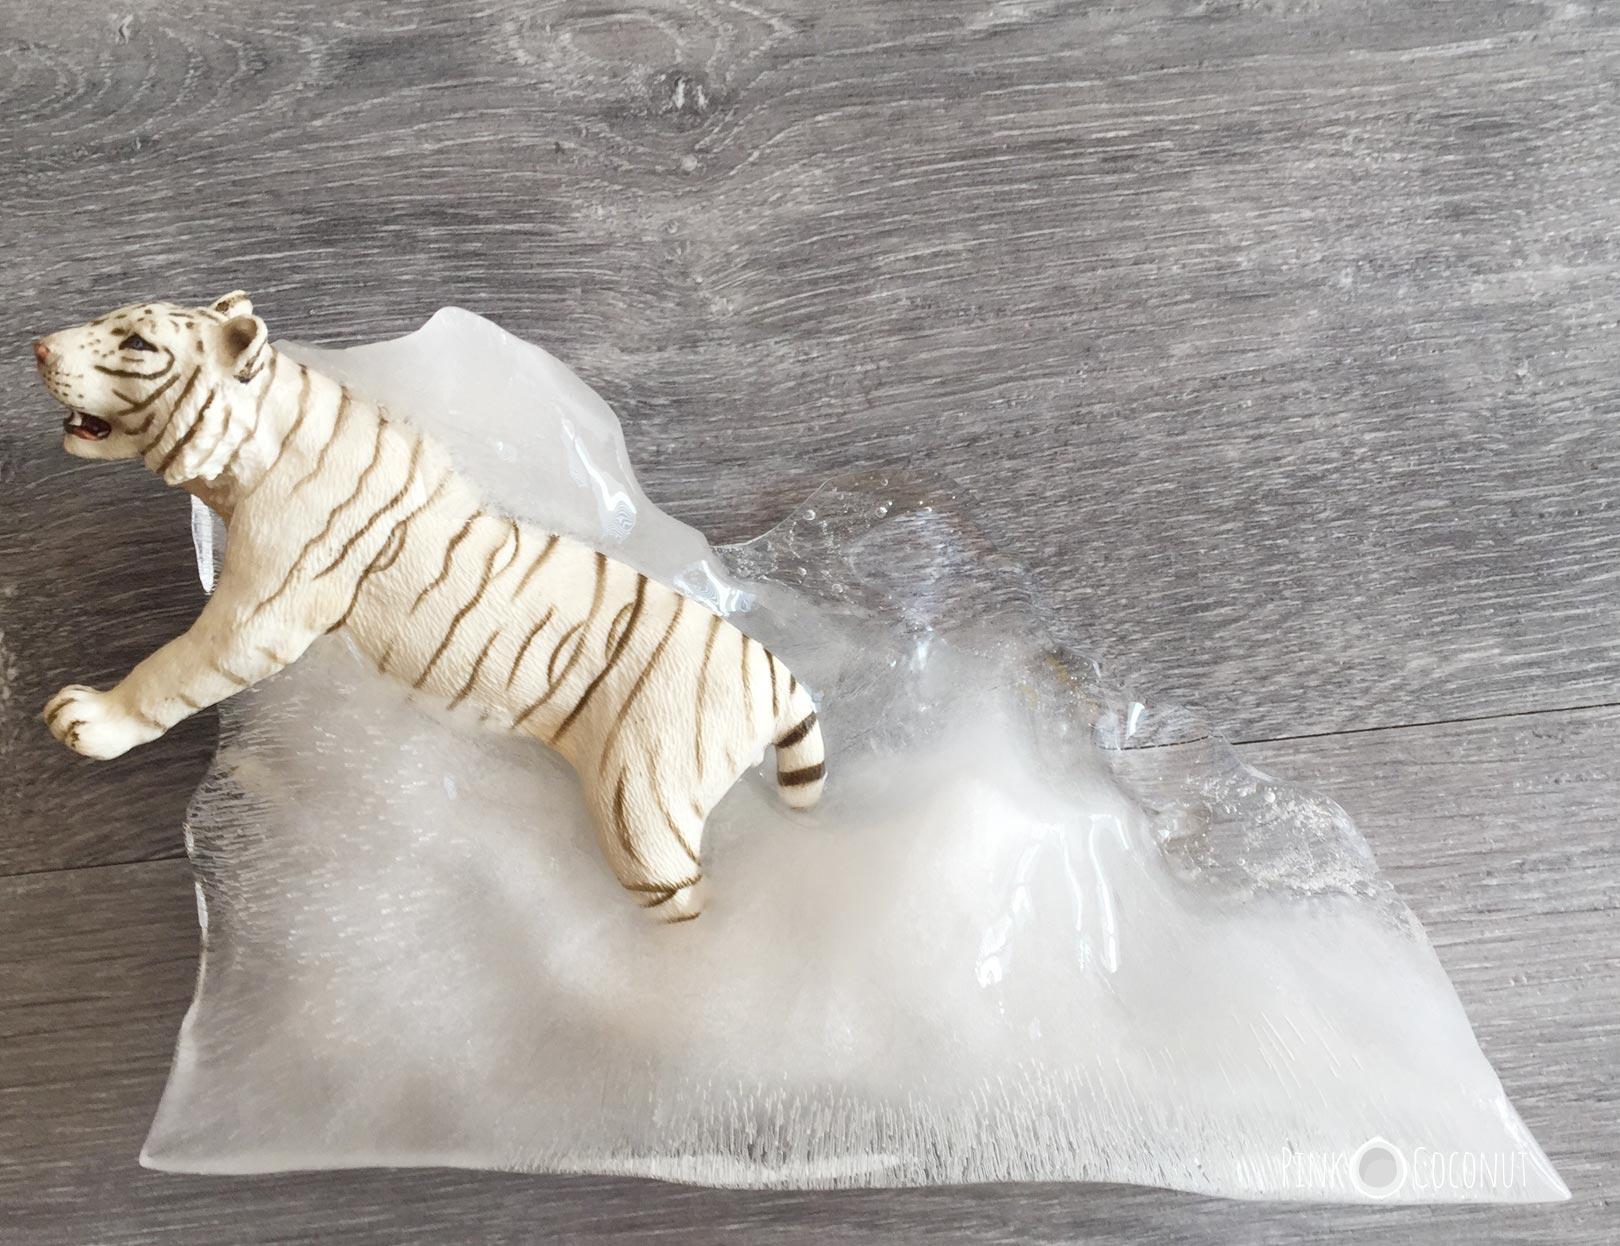 Photo d'un tigre blanc en jouet pris dans la glace pour illustré l'article intitulé : Les explorateurs de glace ! Une activité pour se rafraîchir avec les enfants pendant la canicule